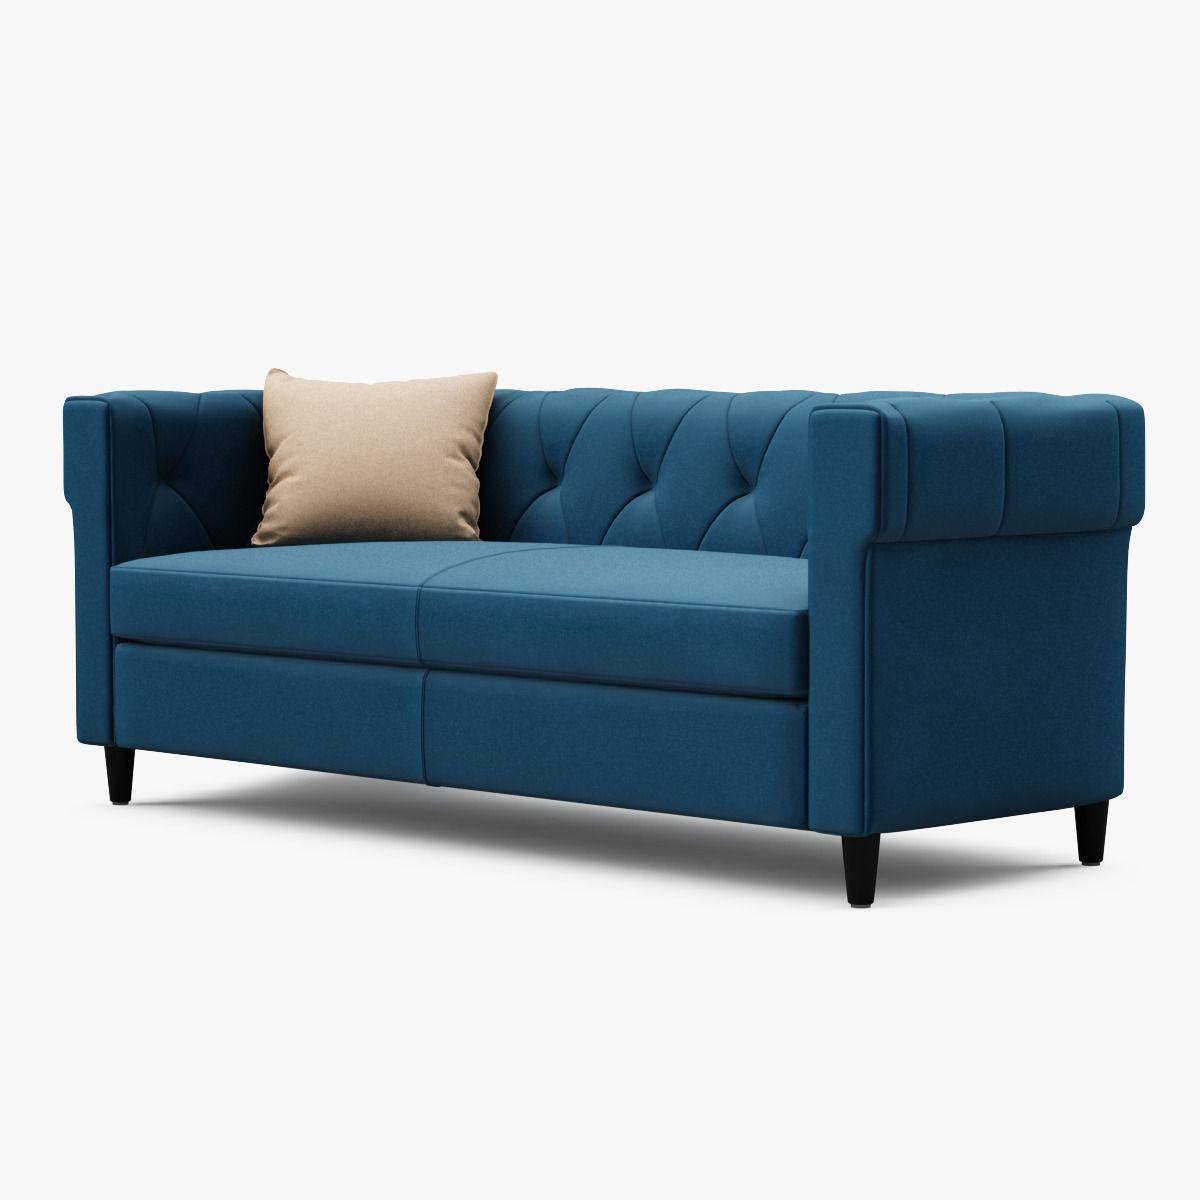 chester tufted upholstered sofa 3d model max obj fbx mtl. Black Bedroom Furniture Sets. Home Design Ideas